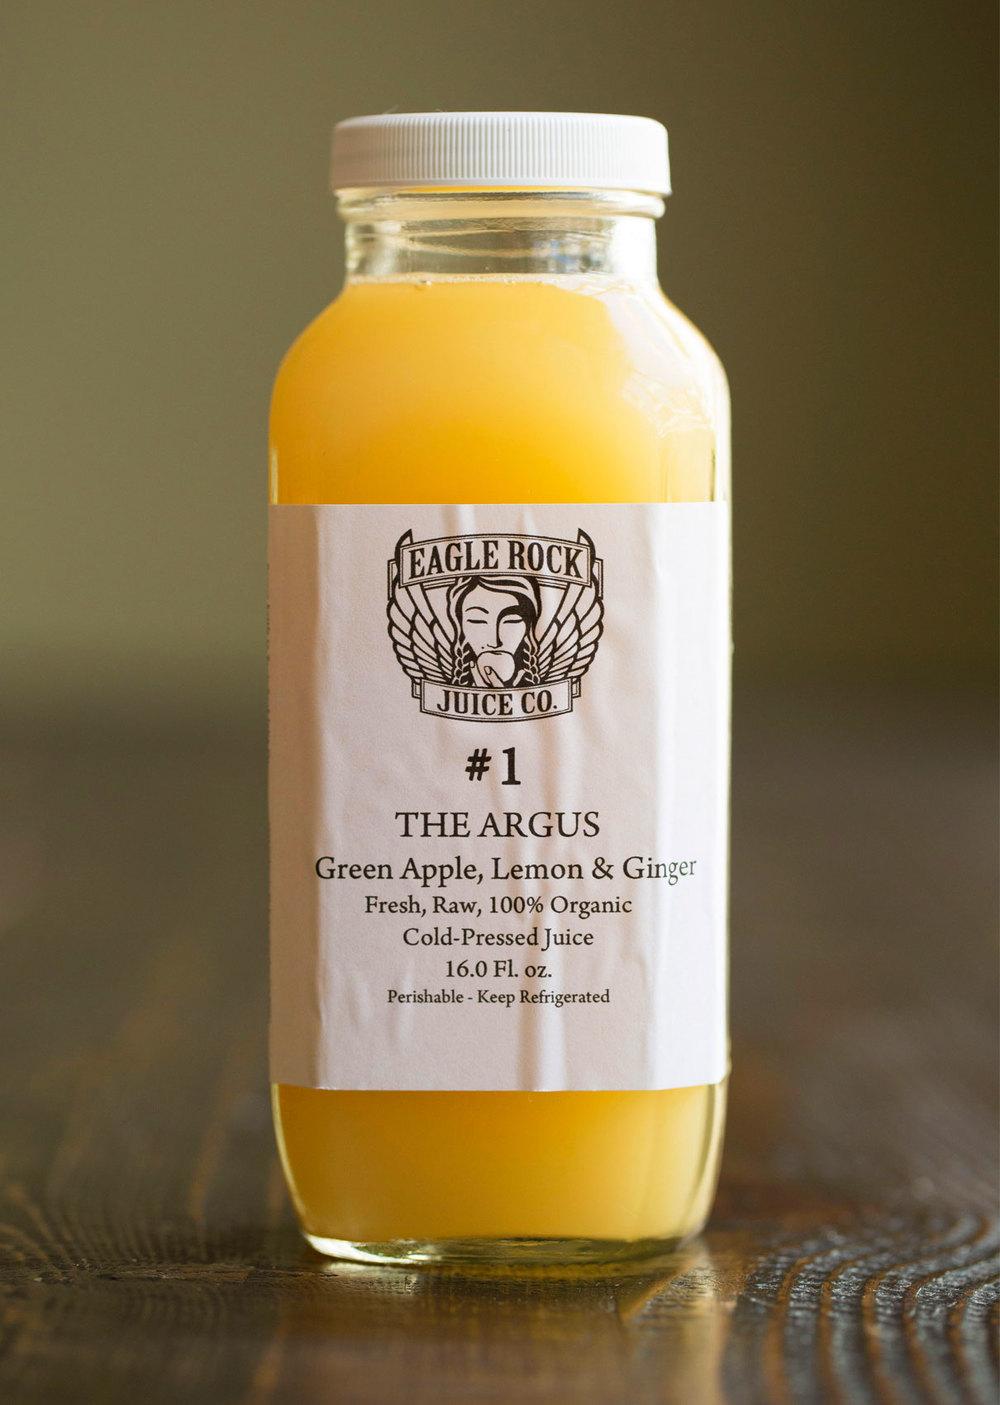 #1 The Argus   $24.00/12.00/10.00 Green Apple, Lemon & Ginger